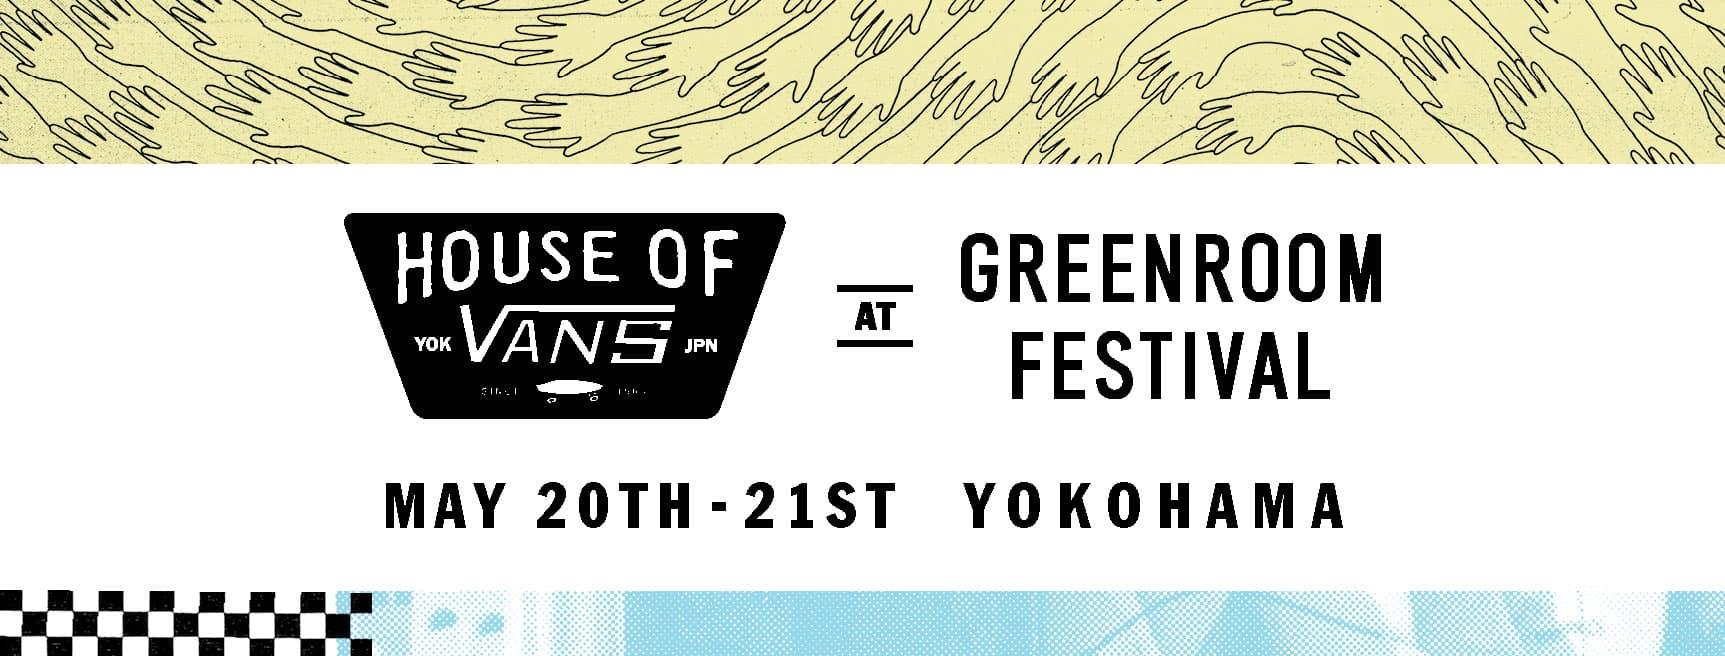 HOUSE OF VANS @GREENROOM FESTIVAL